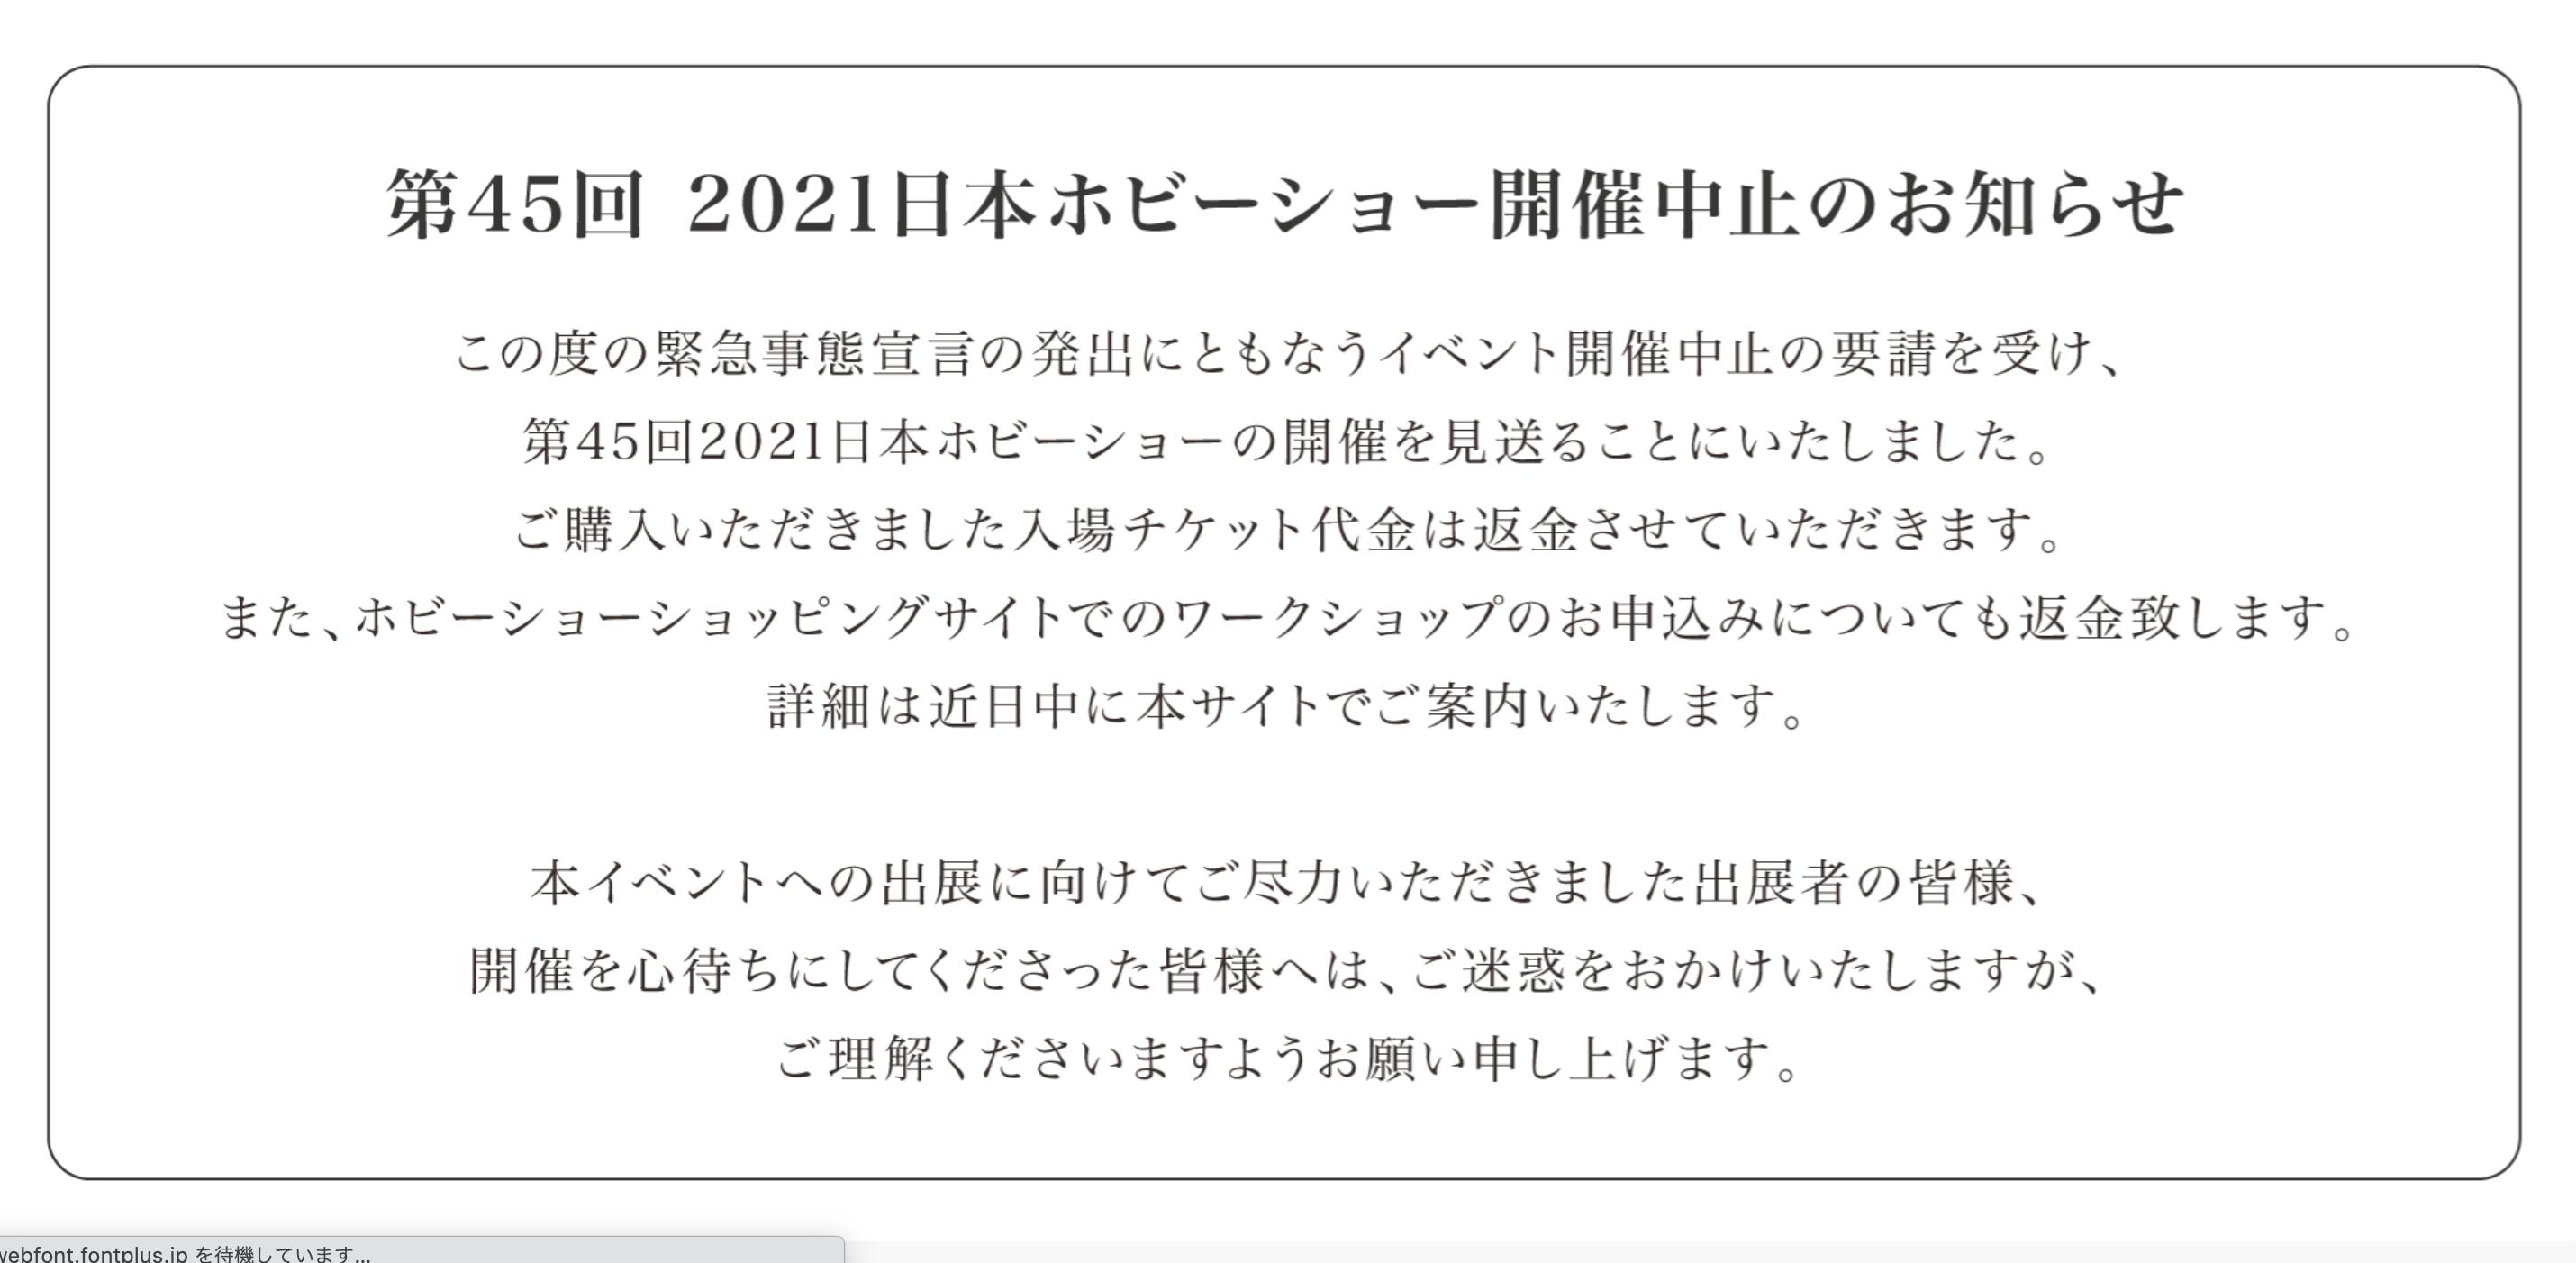 【お知らせ】日本ホビーショー2021の開催が中止になりました。